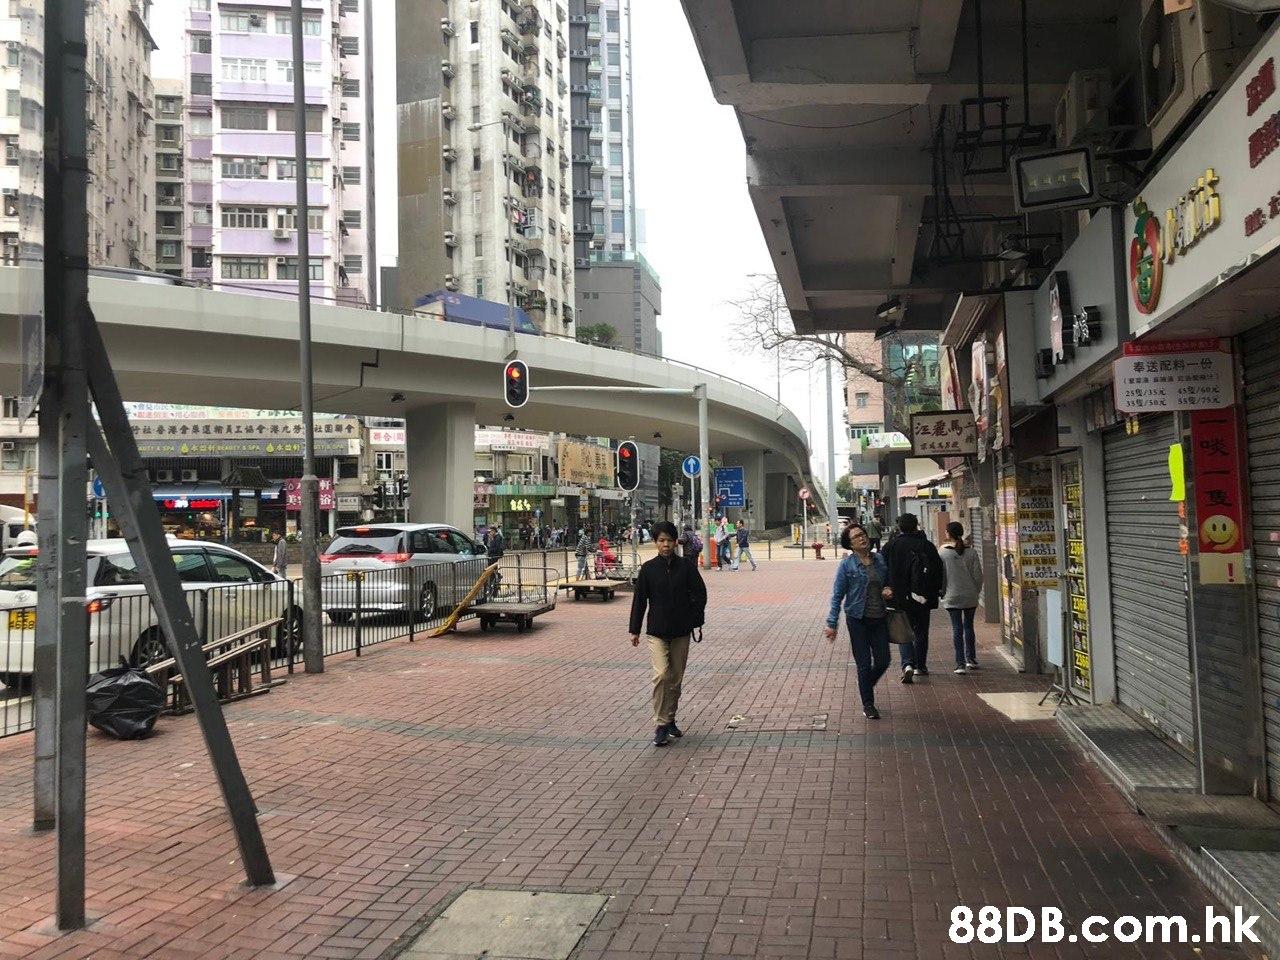 奉送配料一份 258/35 452/602 810011 :0011 s100511 .hk  Pedestrian,Metropolitan area,Street,Urban area,Town